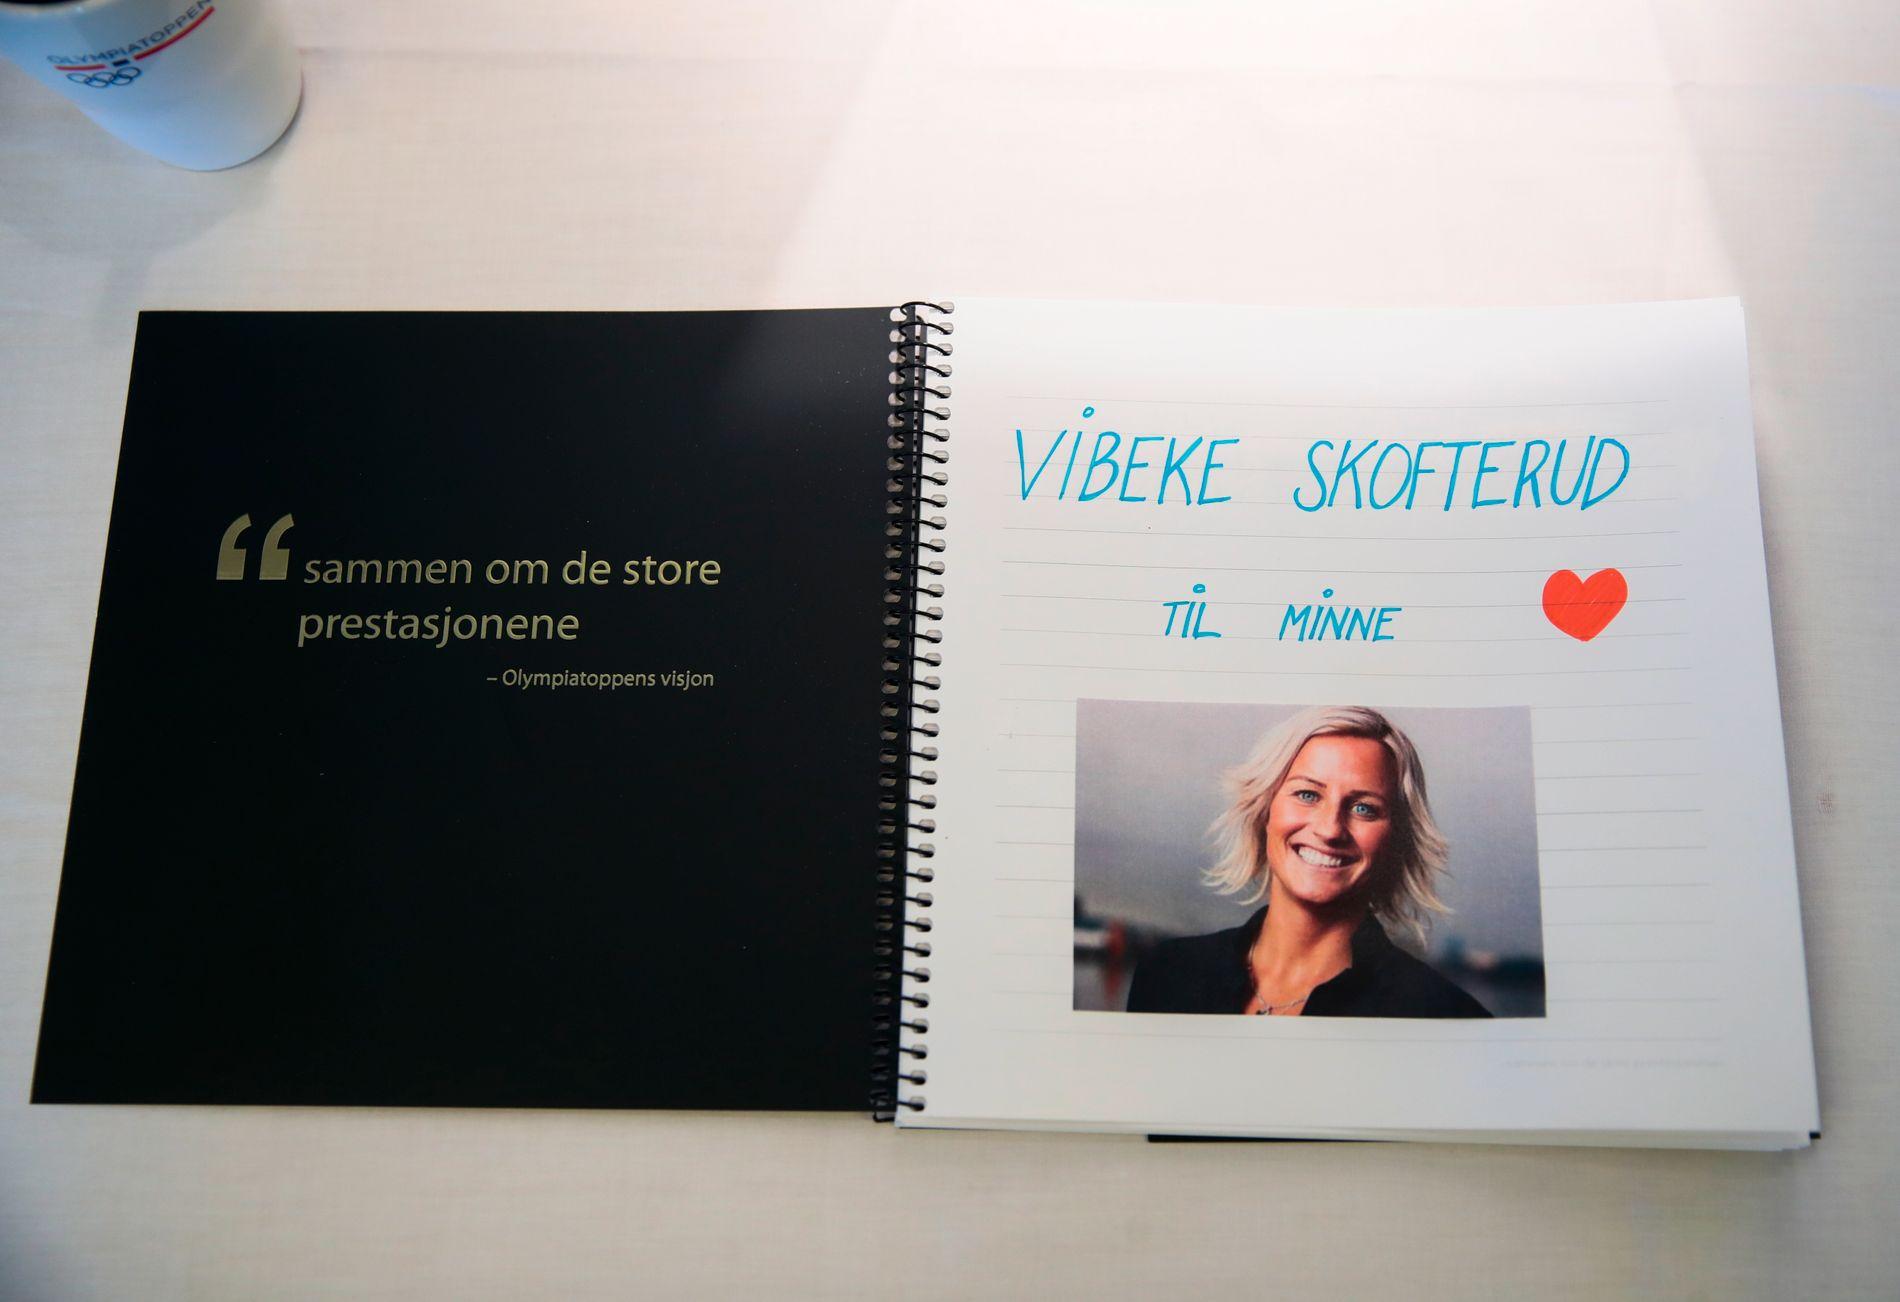 ET SISTE FARVEL: Kondolanseprotokoll for Vibeke Skofterud er lagt ut på Olympiatoppen i Oslo. Torsdag begraves langrennsprofilen.